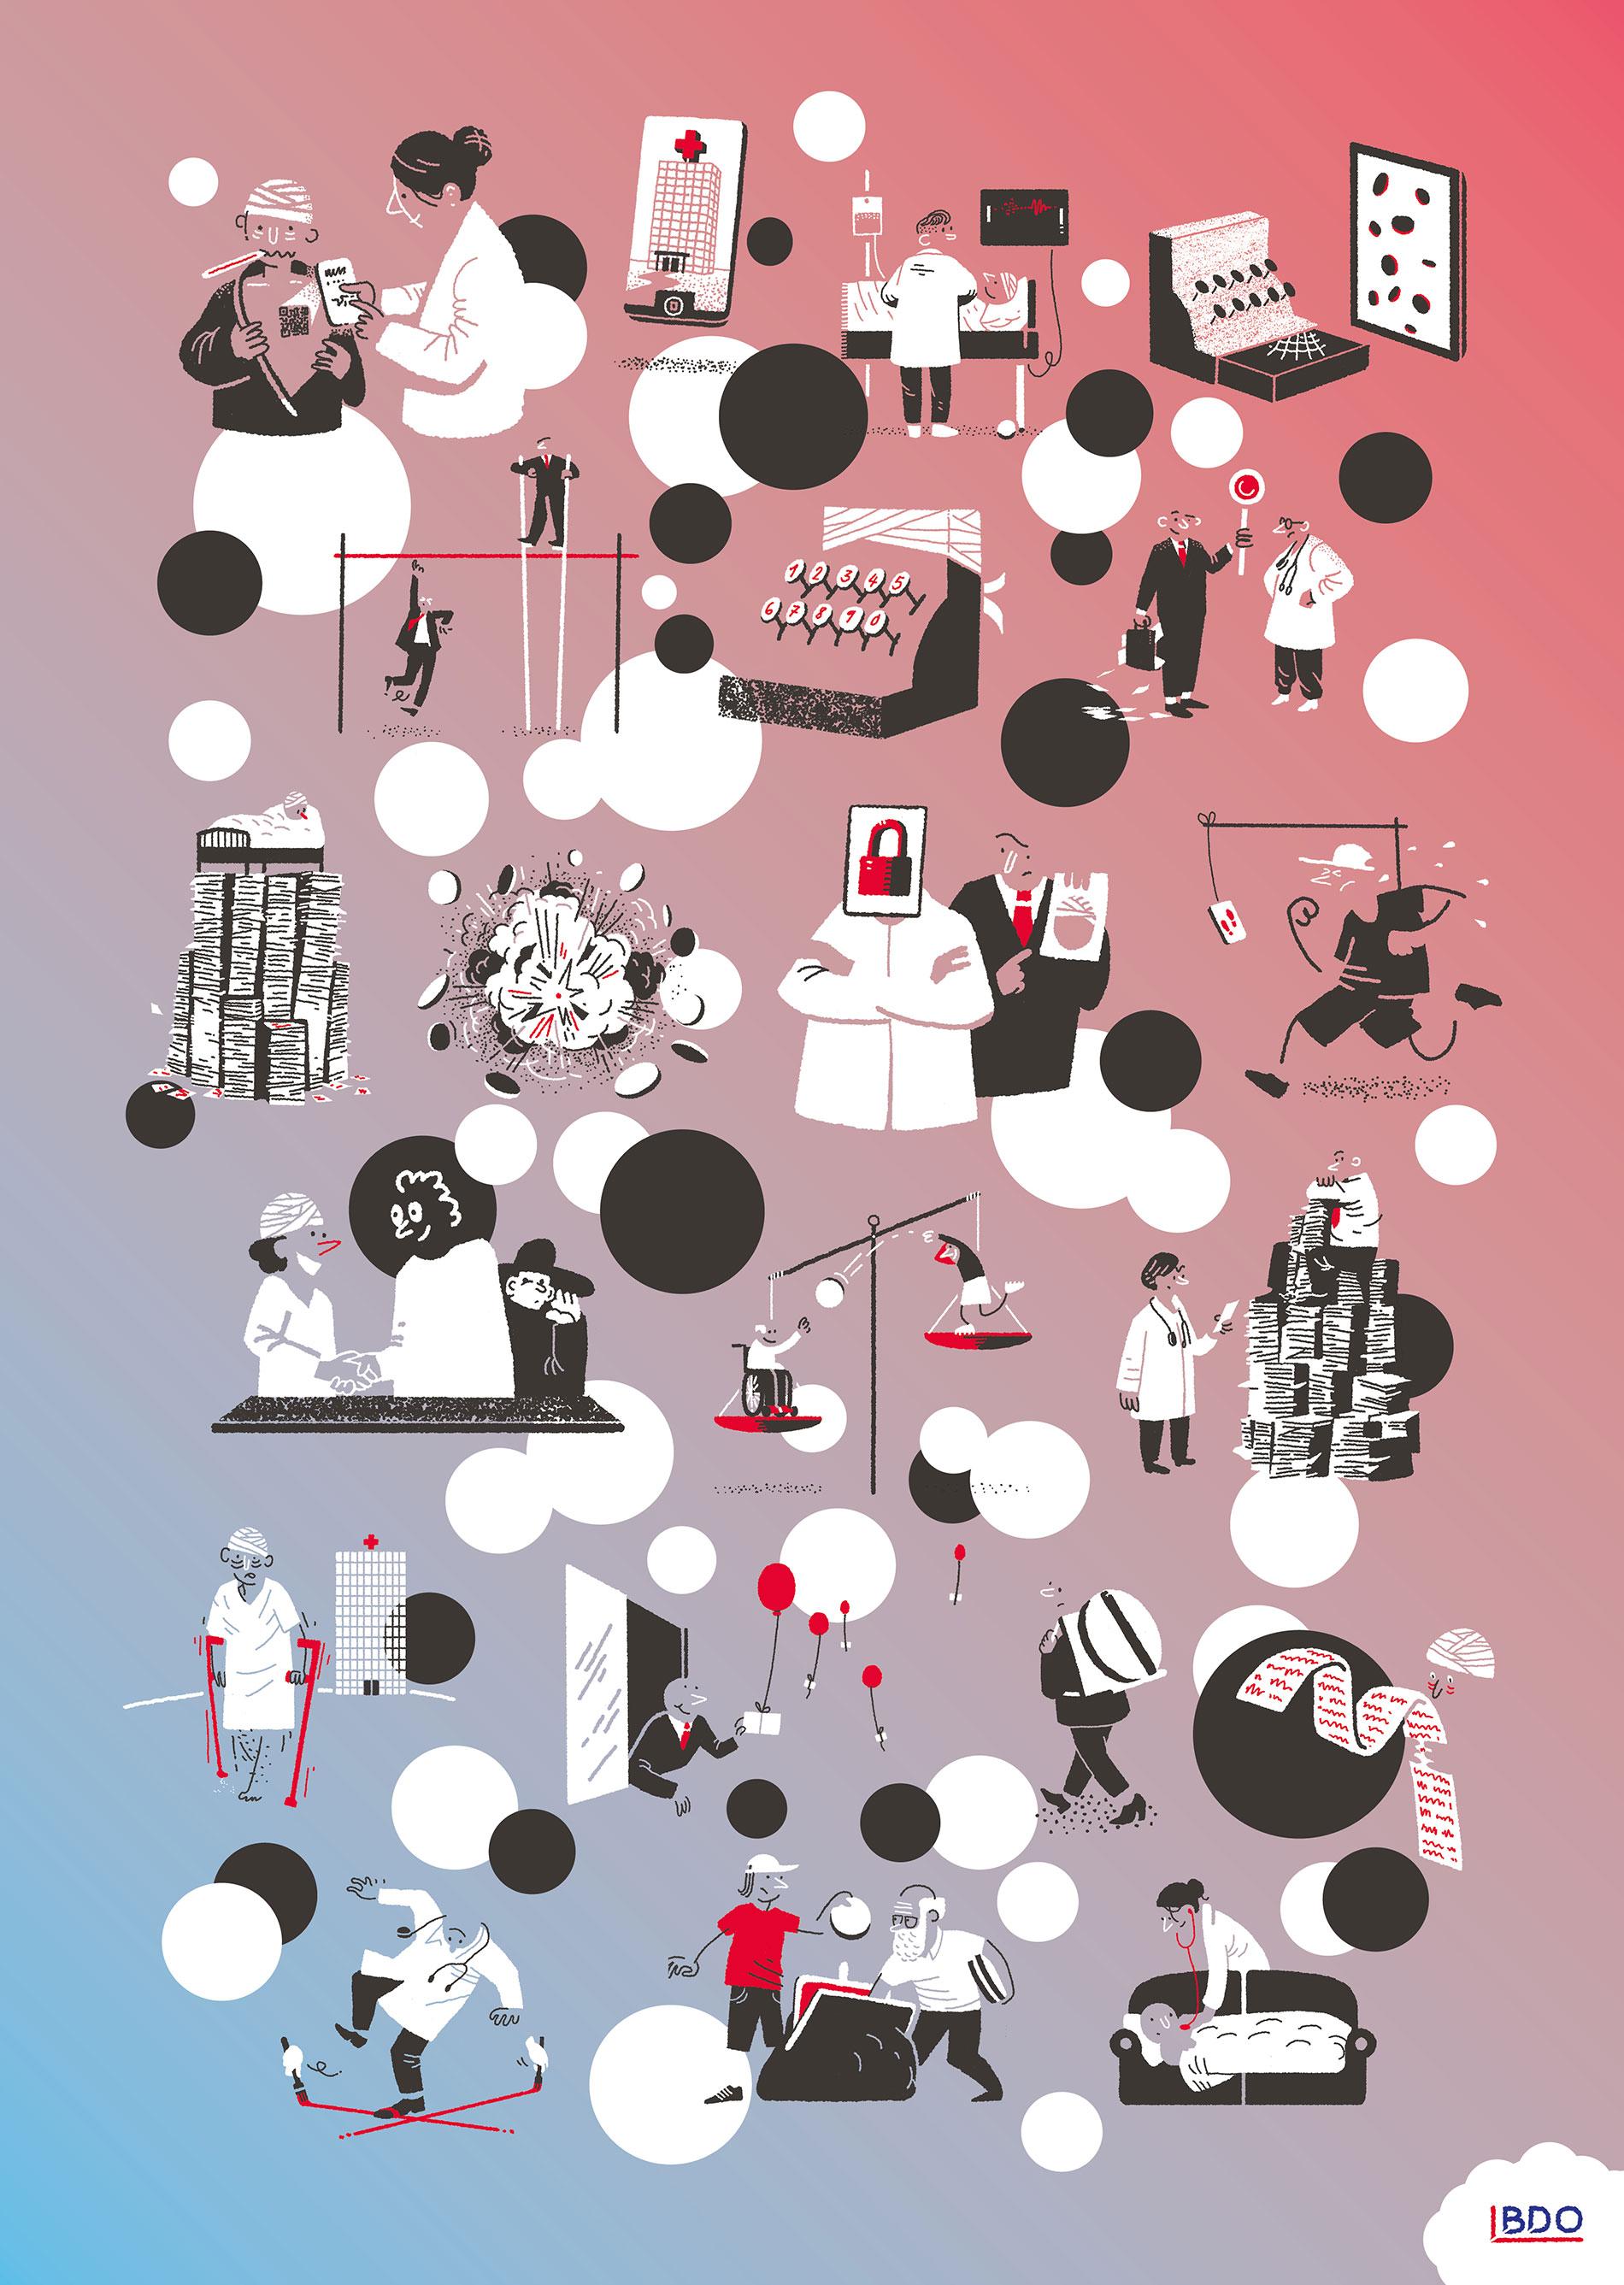 Tagung Trends und Herausforderungen im Gesundheitswesen, Krankenkassen Krankenversicherung, für BDO Schweiz